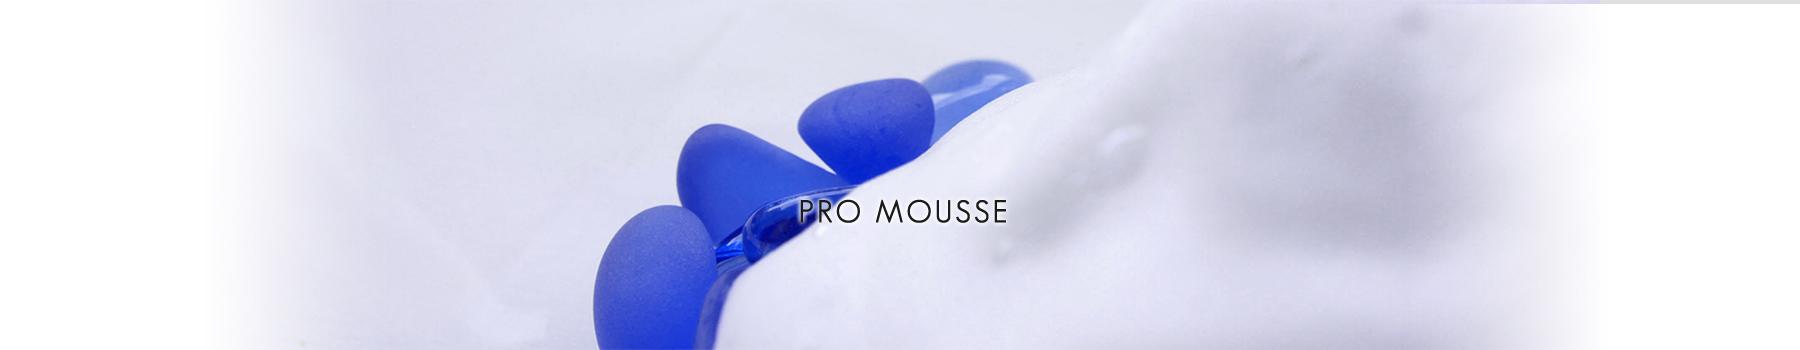 PRO MOUSSE